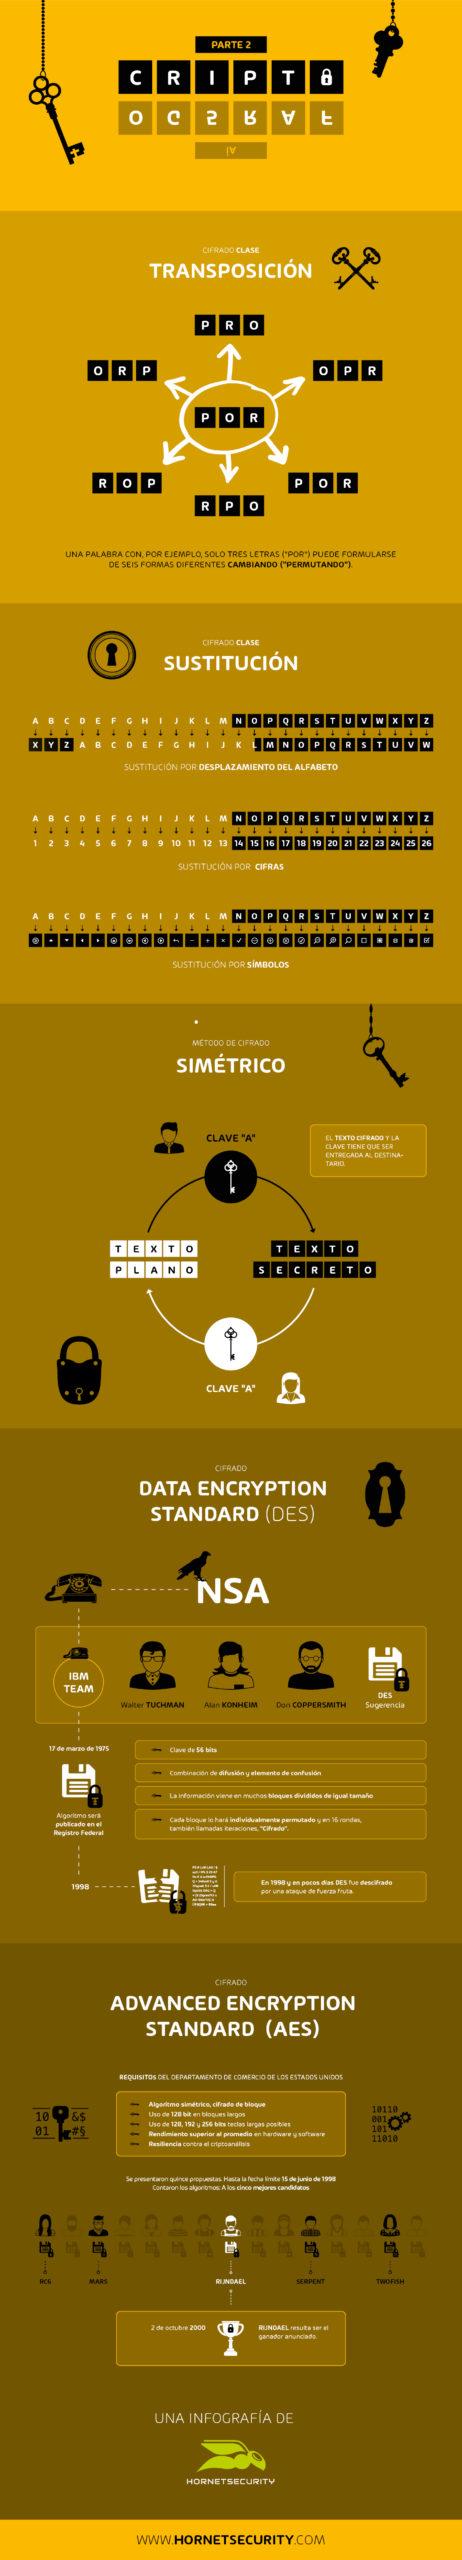 Descubre la segunda parte de nuestro viaje por la historia de la criptografía